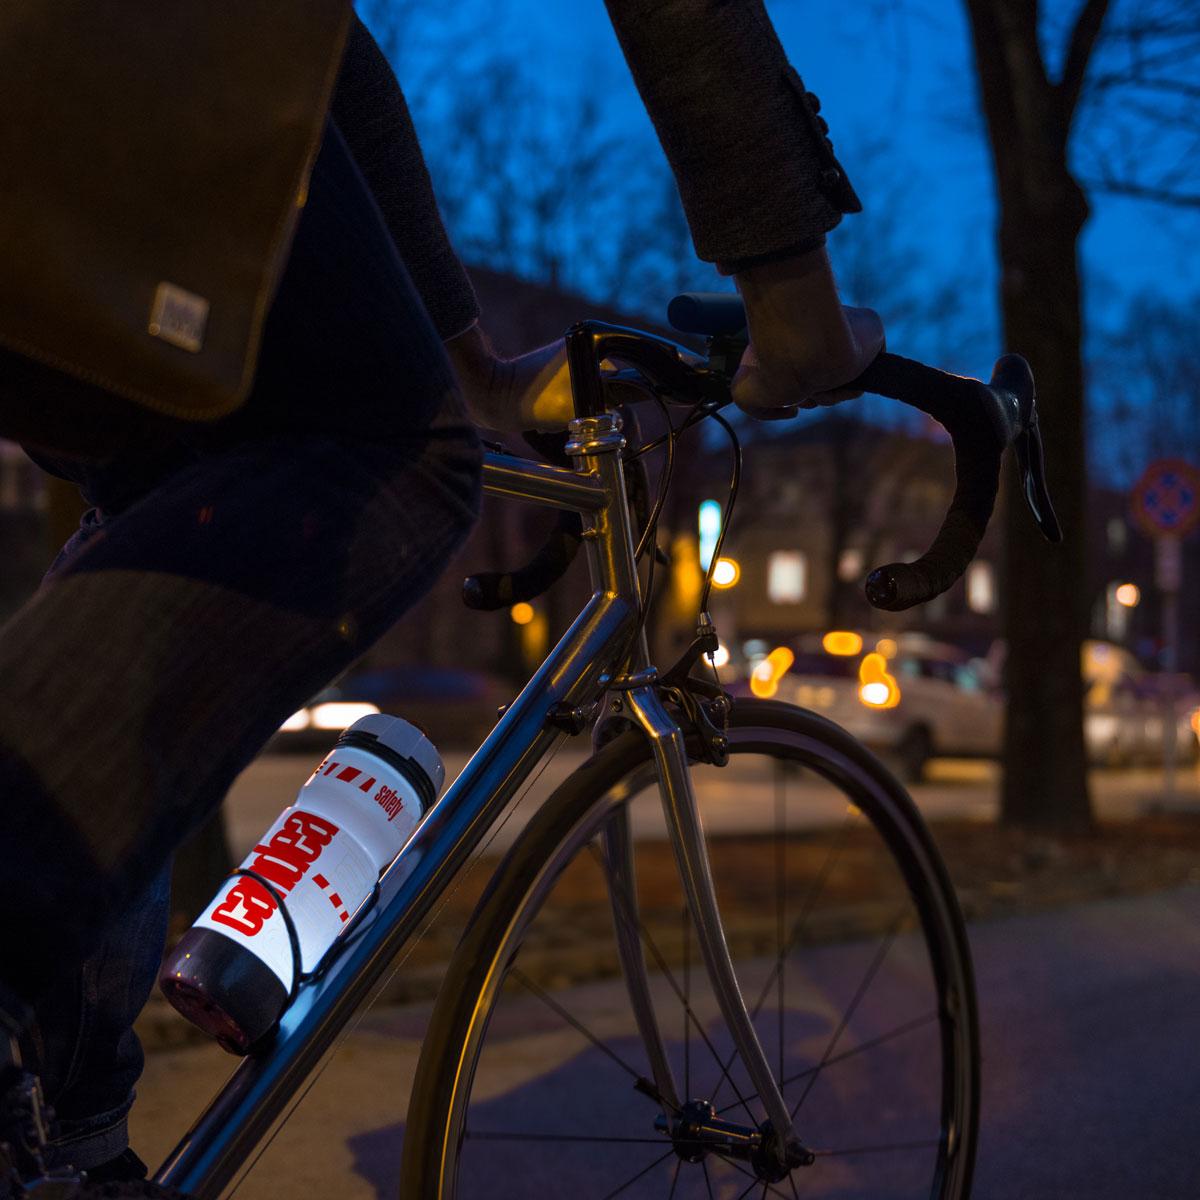 """Велосипедная фляга Elite """"Candea"""" с уникальной встроенной светодиодной системой подсветки MicroLED для максимальной видимости и  безопасности на дороге в темное время суток. Отличительные особенности: Светодиоды MicroLED с низким уровнем потребления энергии Три режима работы светодиодов: максимальная видимость, экономия энергии и мерцающий"""